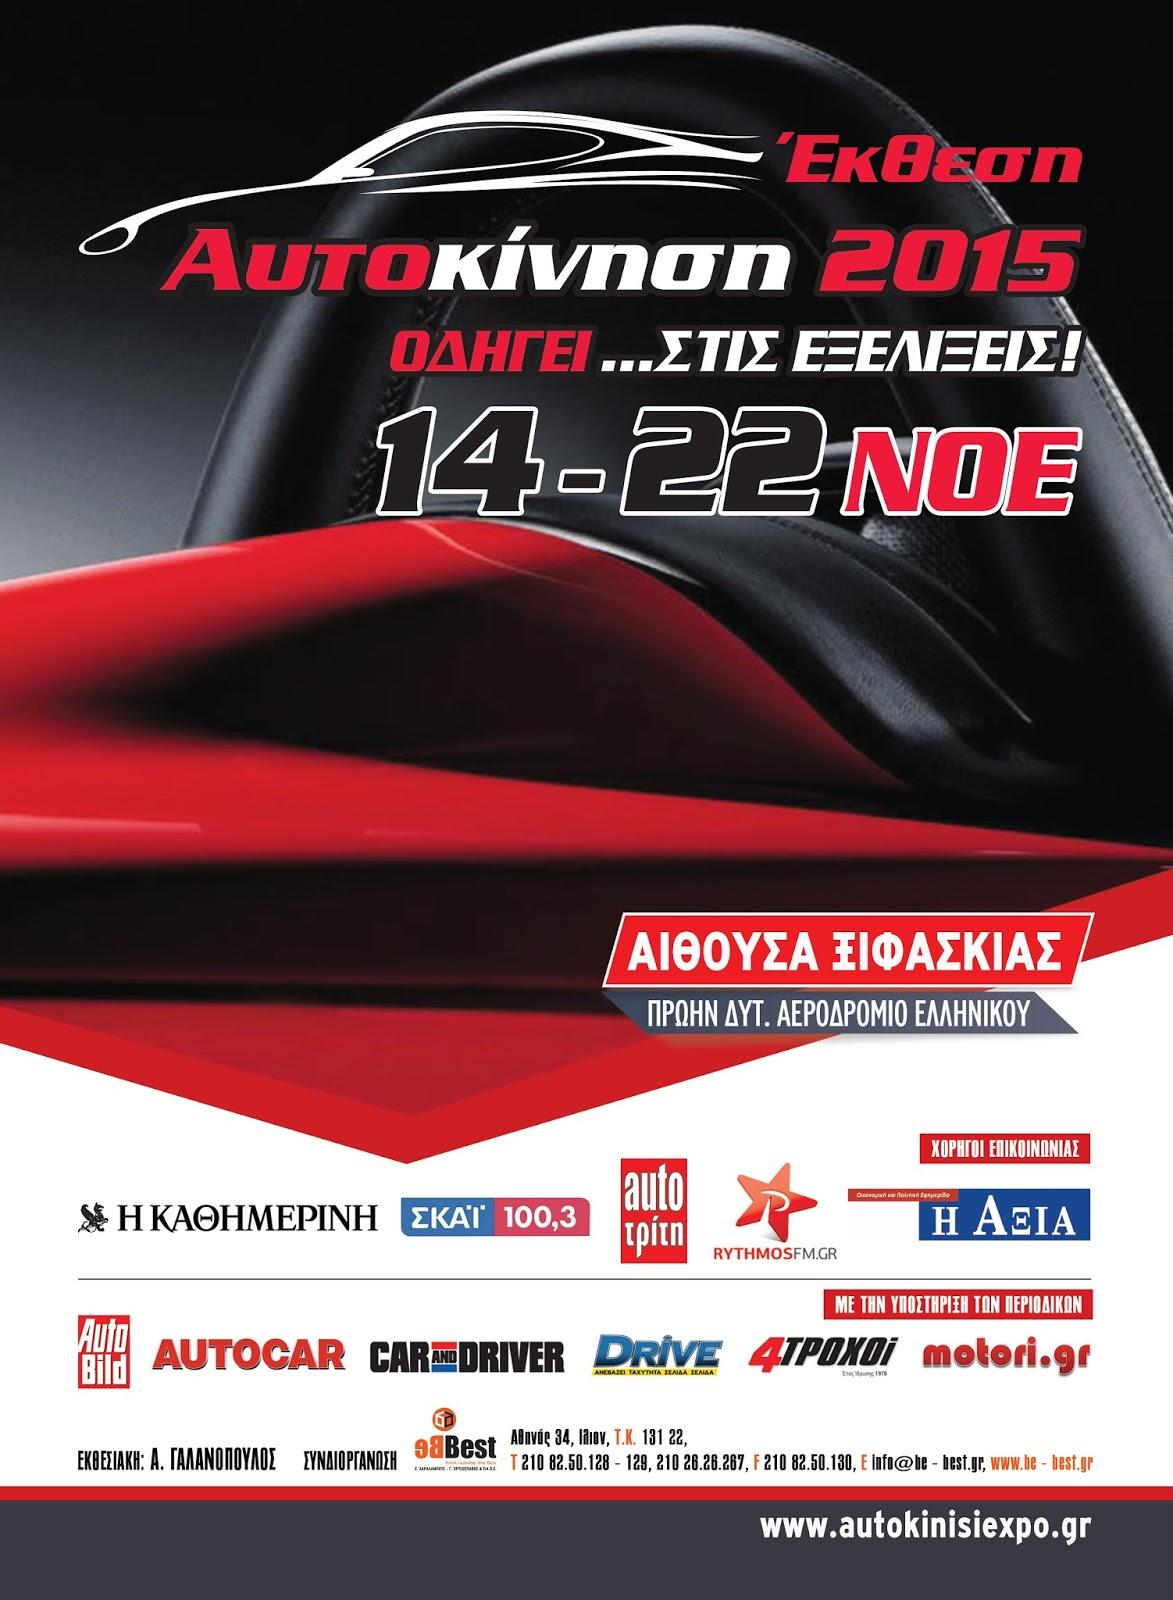 AUTOKINISI%2B12sel Στις 14 Νοεμβρίου, έχει Έκθεση Αυτοκινήτου! autoshow, ΑΥΤΟΚΙΝΗΣΗ 2015